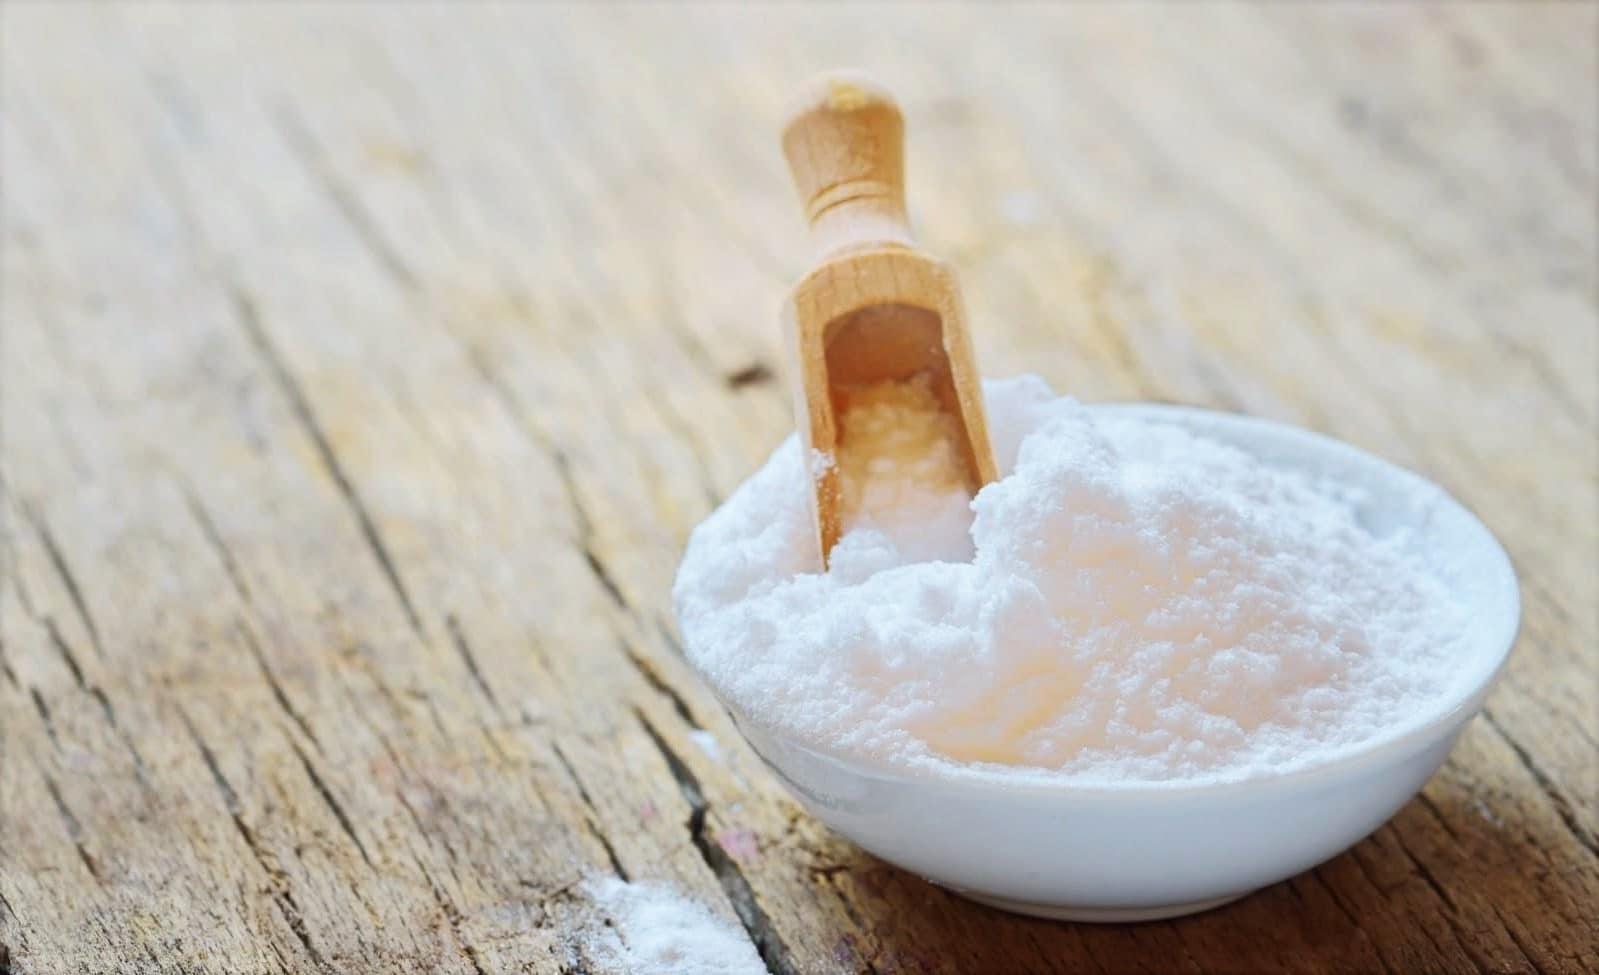 Comment utiliser le bicarbonate de soude pour les cheveux ?